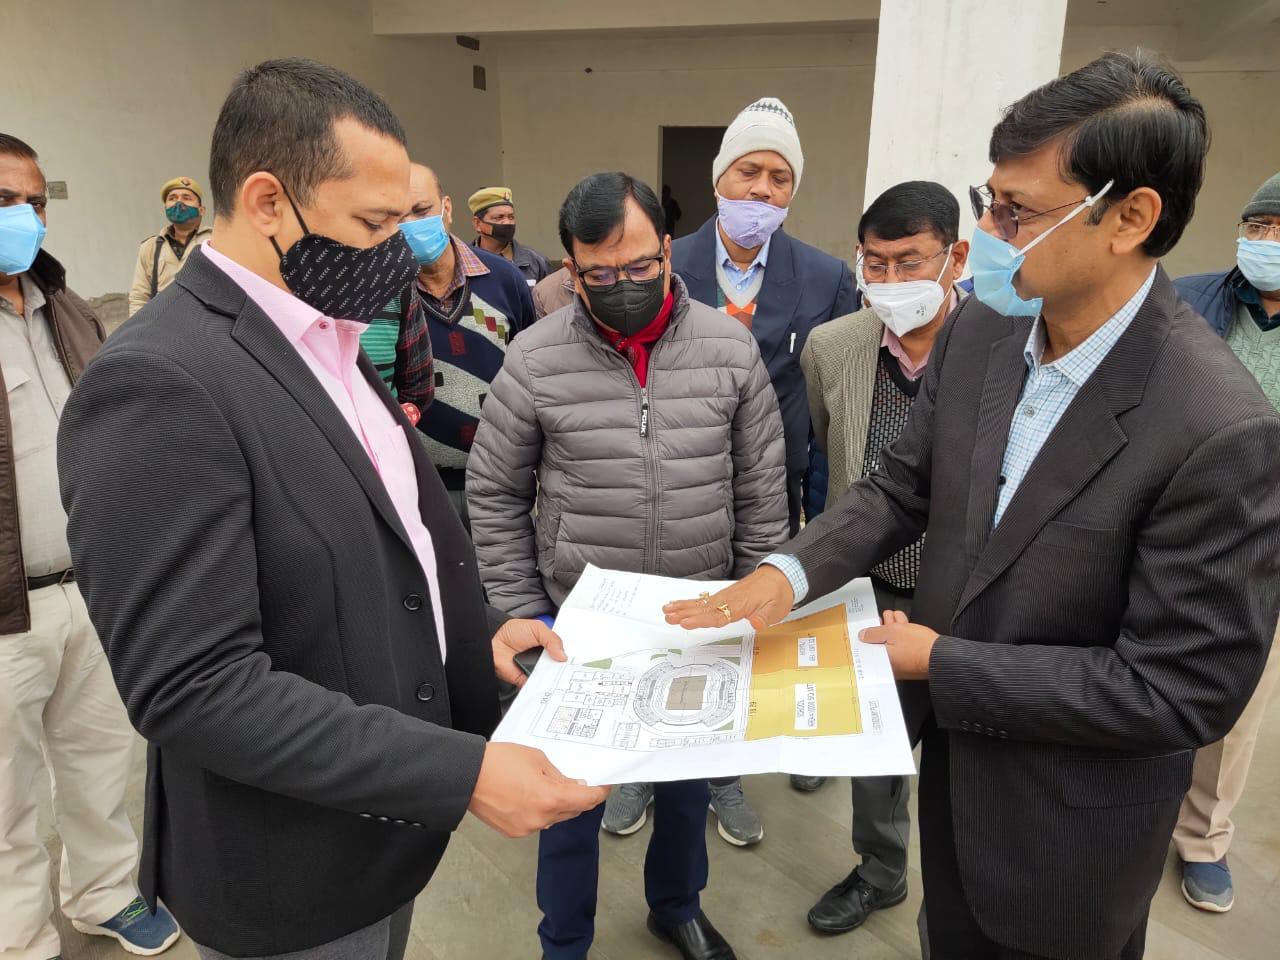 कानपुर कमिश्नर ने किया मल्टी स्पोर्ट्स स्टेडियम कॉम्प्लेक्स का निरीक्षण